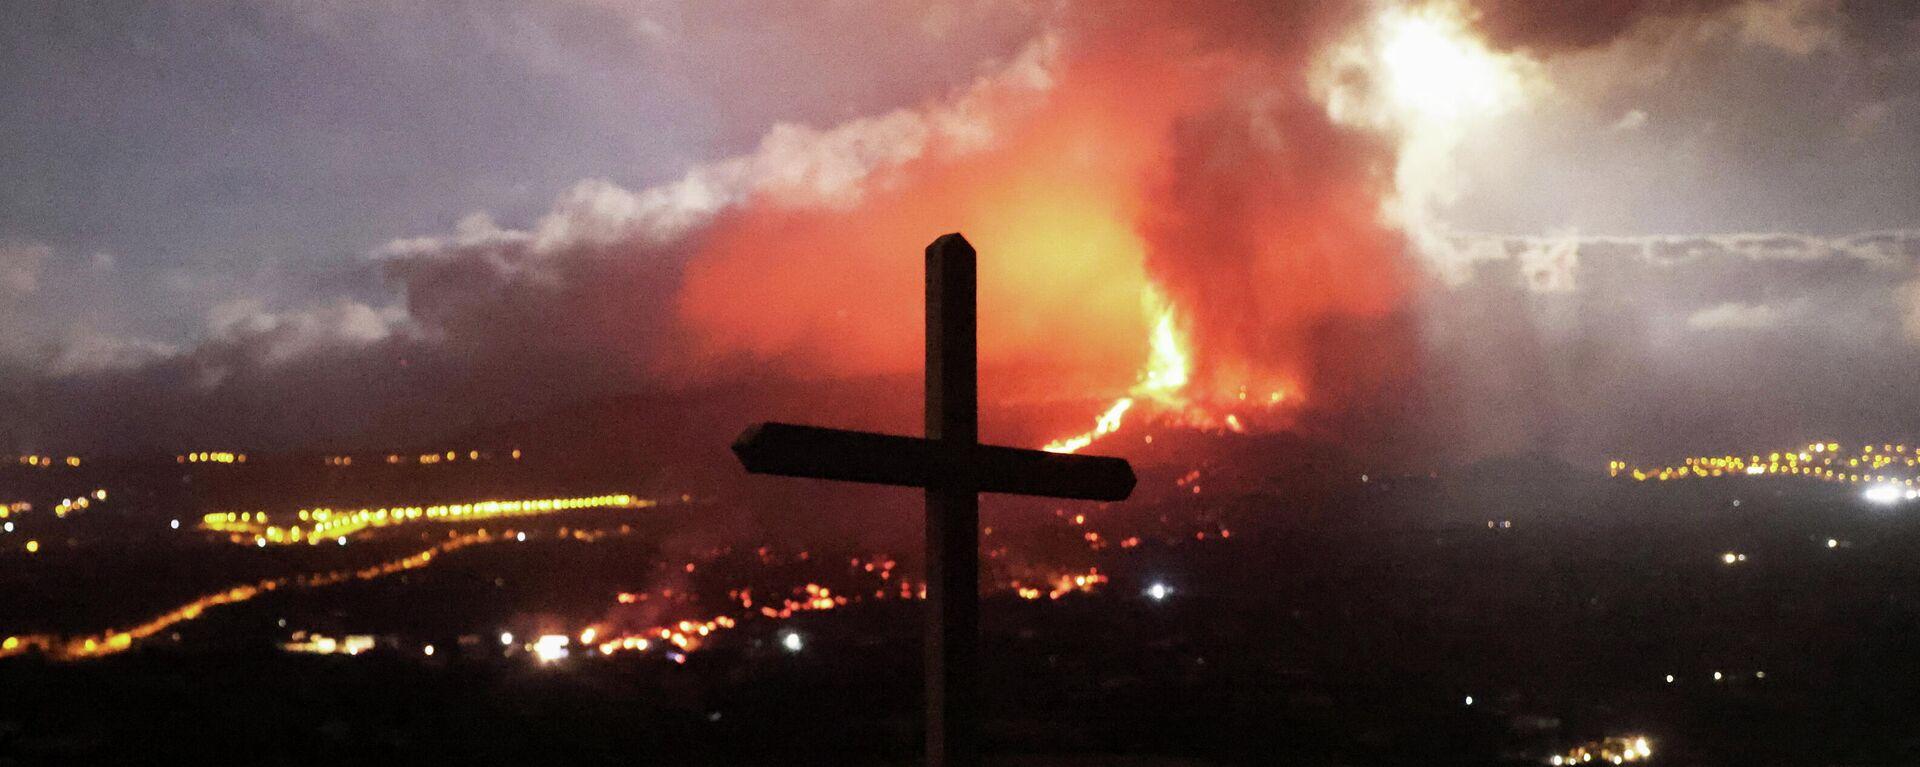 Erupción del volcán en La Palma - Sputnik Mundo, 1920, 28.09.2021